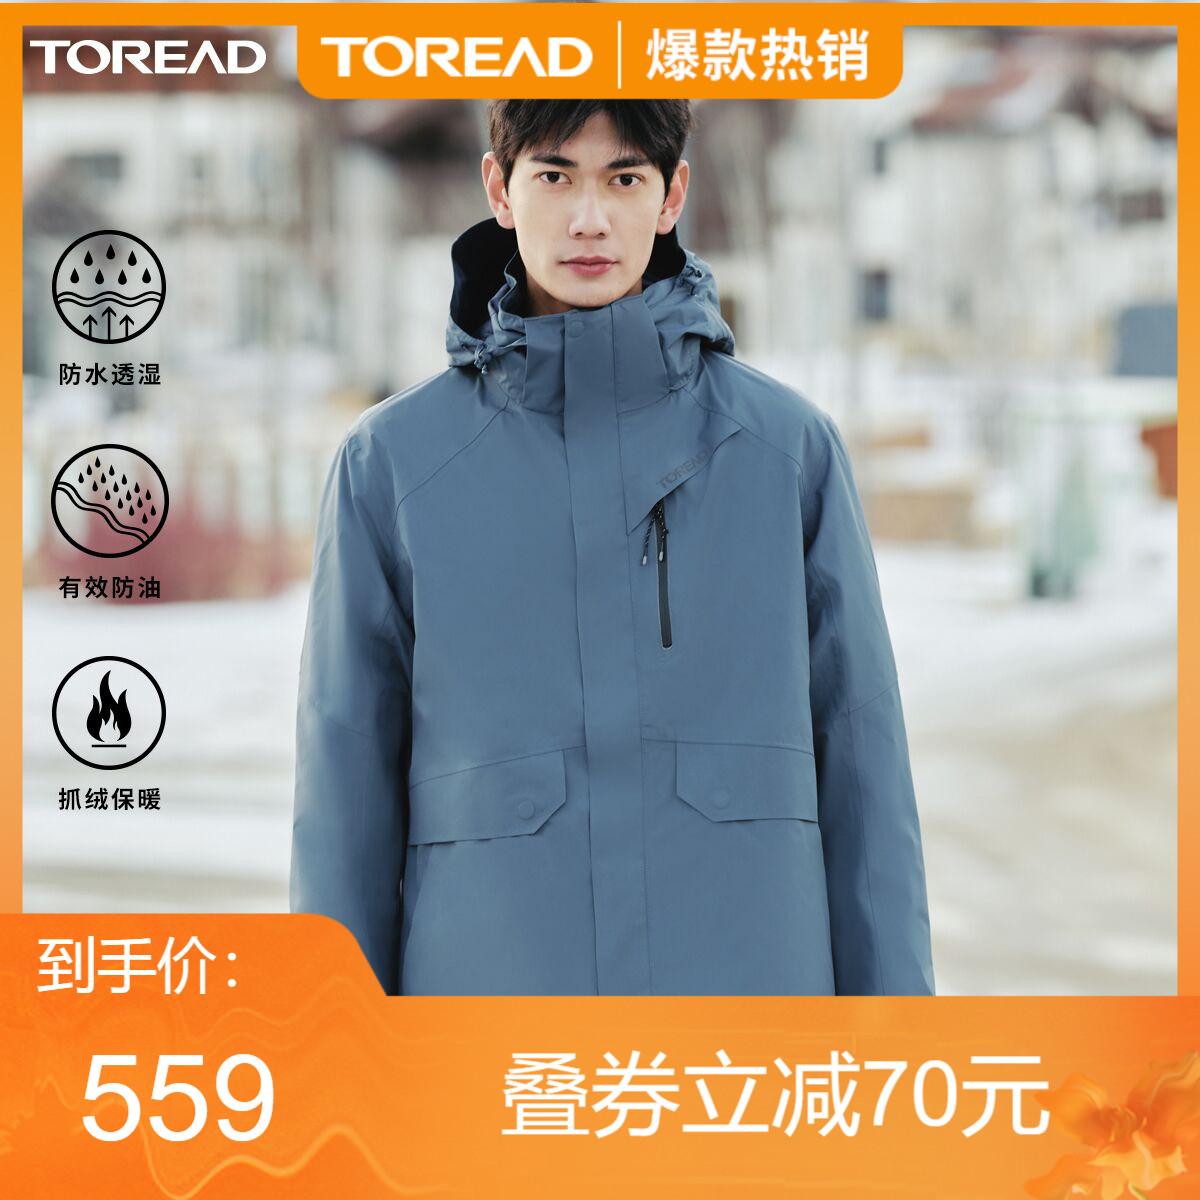 探路者冲锋衣男户外舒适防水保暖男士休闲套绒三合一可拆卸冲锋衣